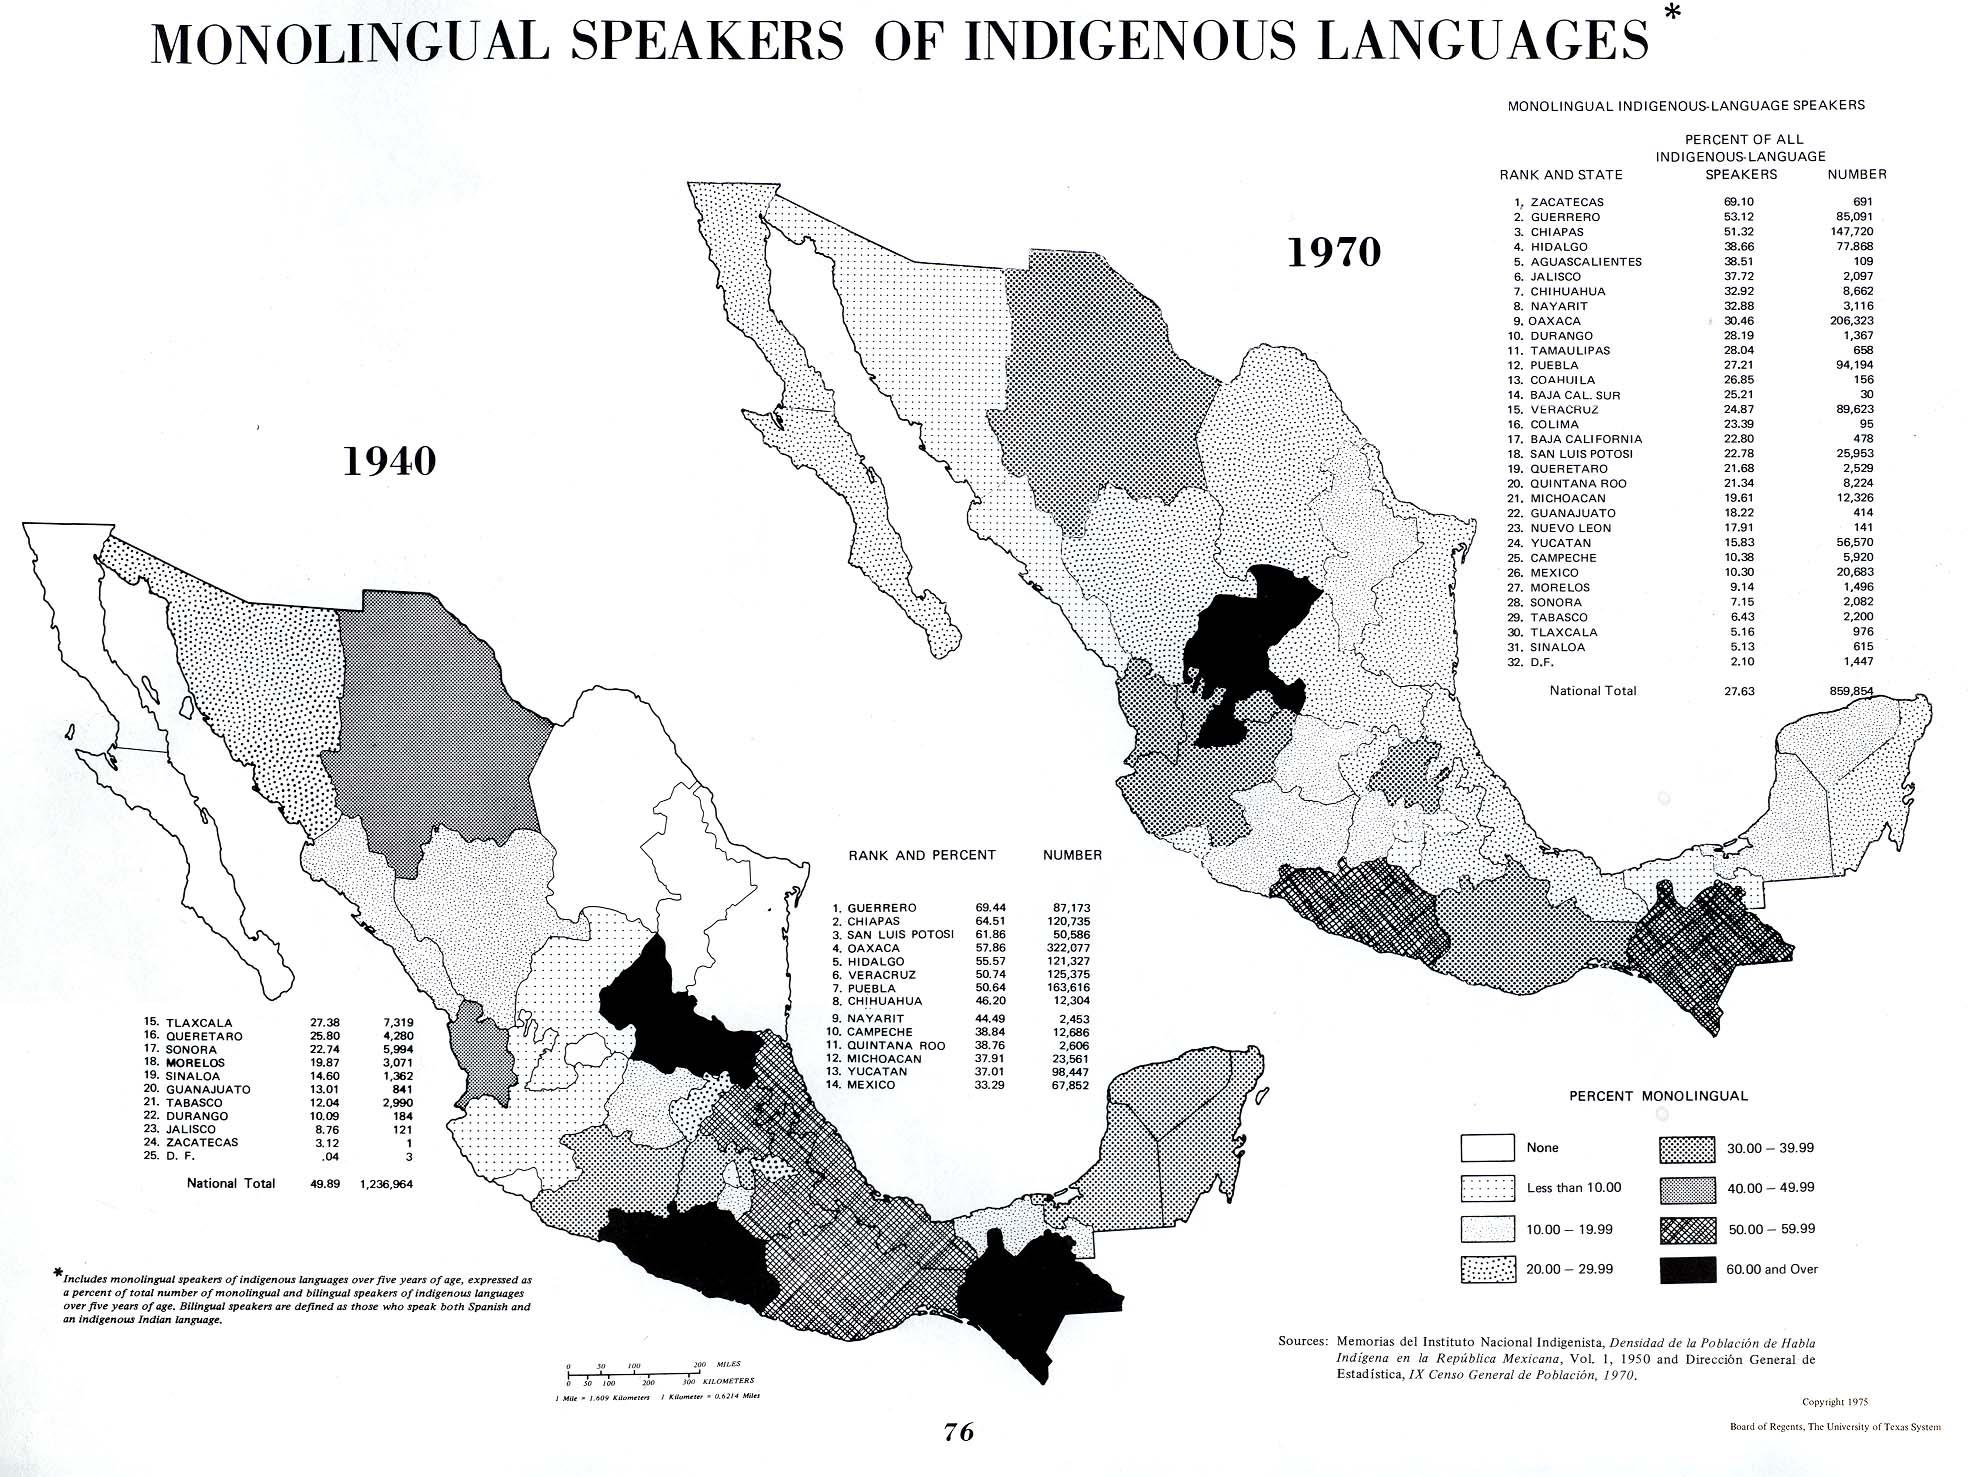 Hablantes de Lenguas Indígenas Monolingües, México 1940, 1970